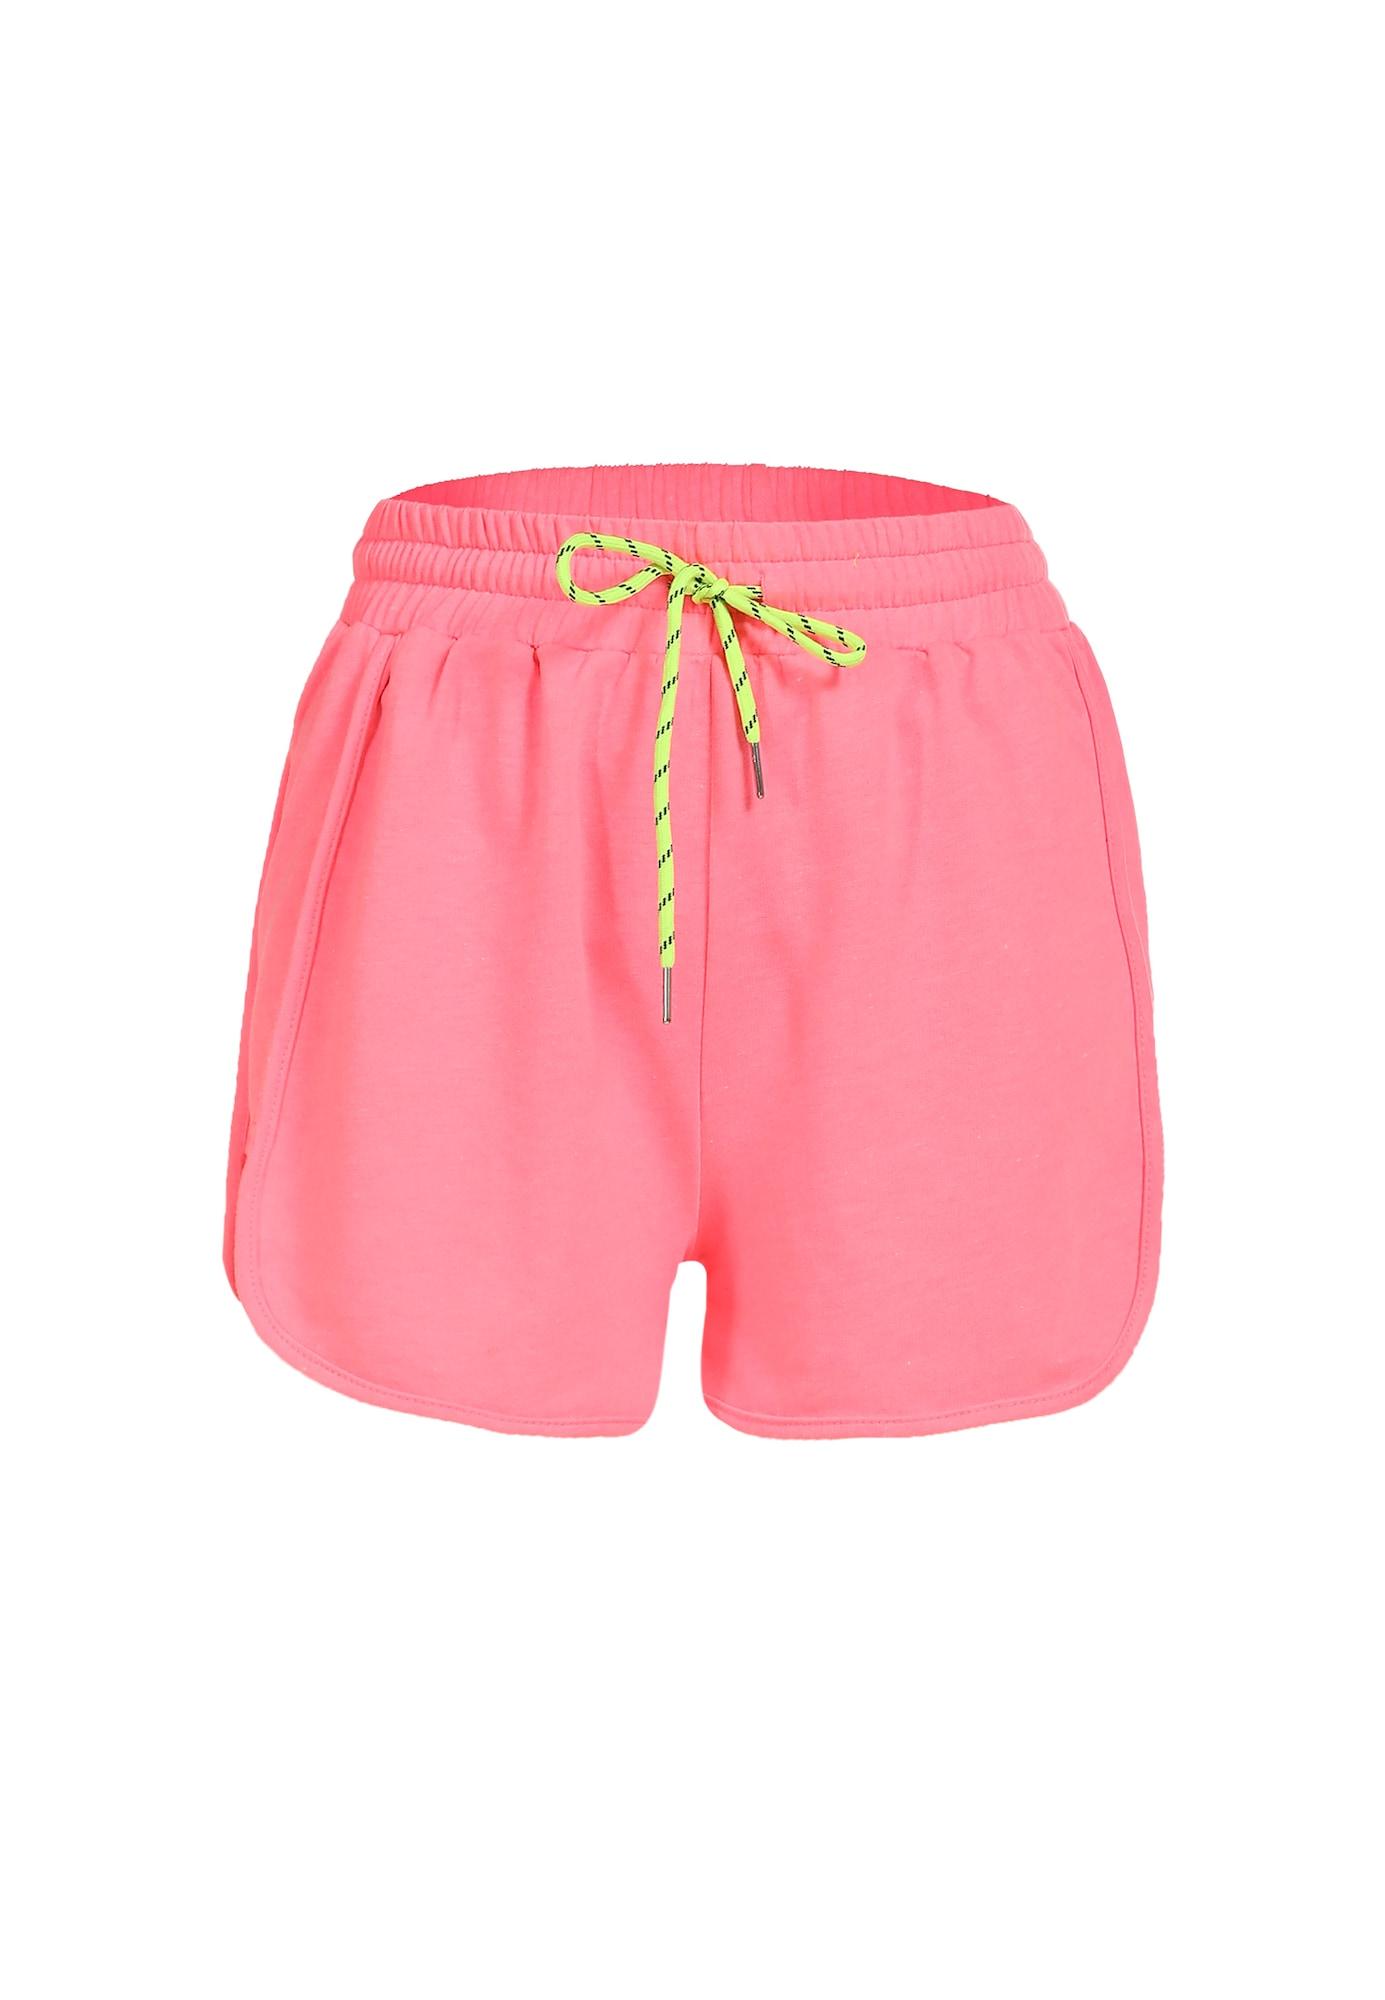 myMo ATHLSR Sportinės kelnės ryškiai rožinė spalva